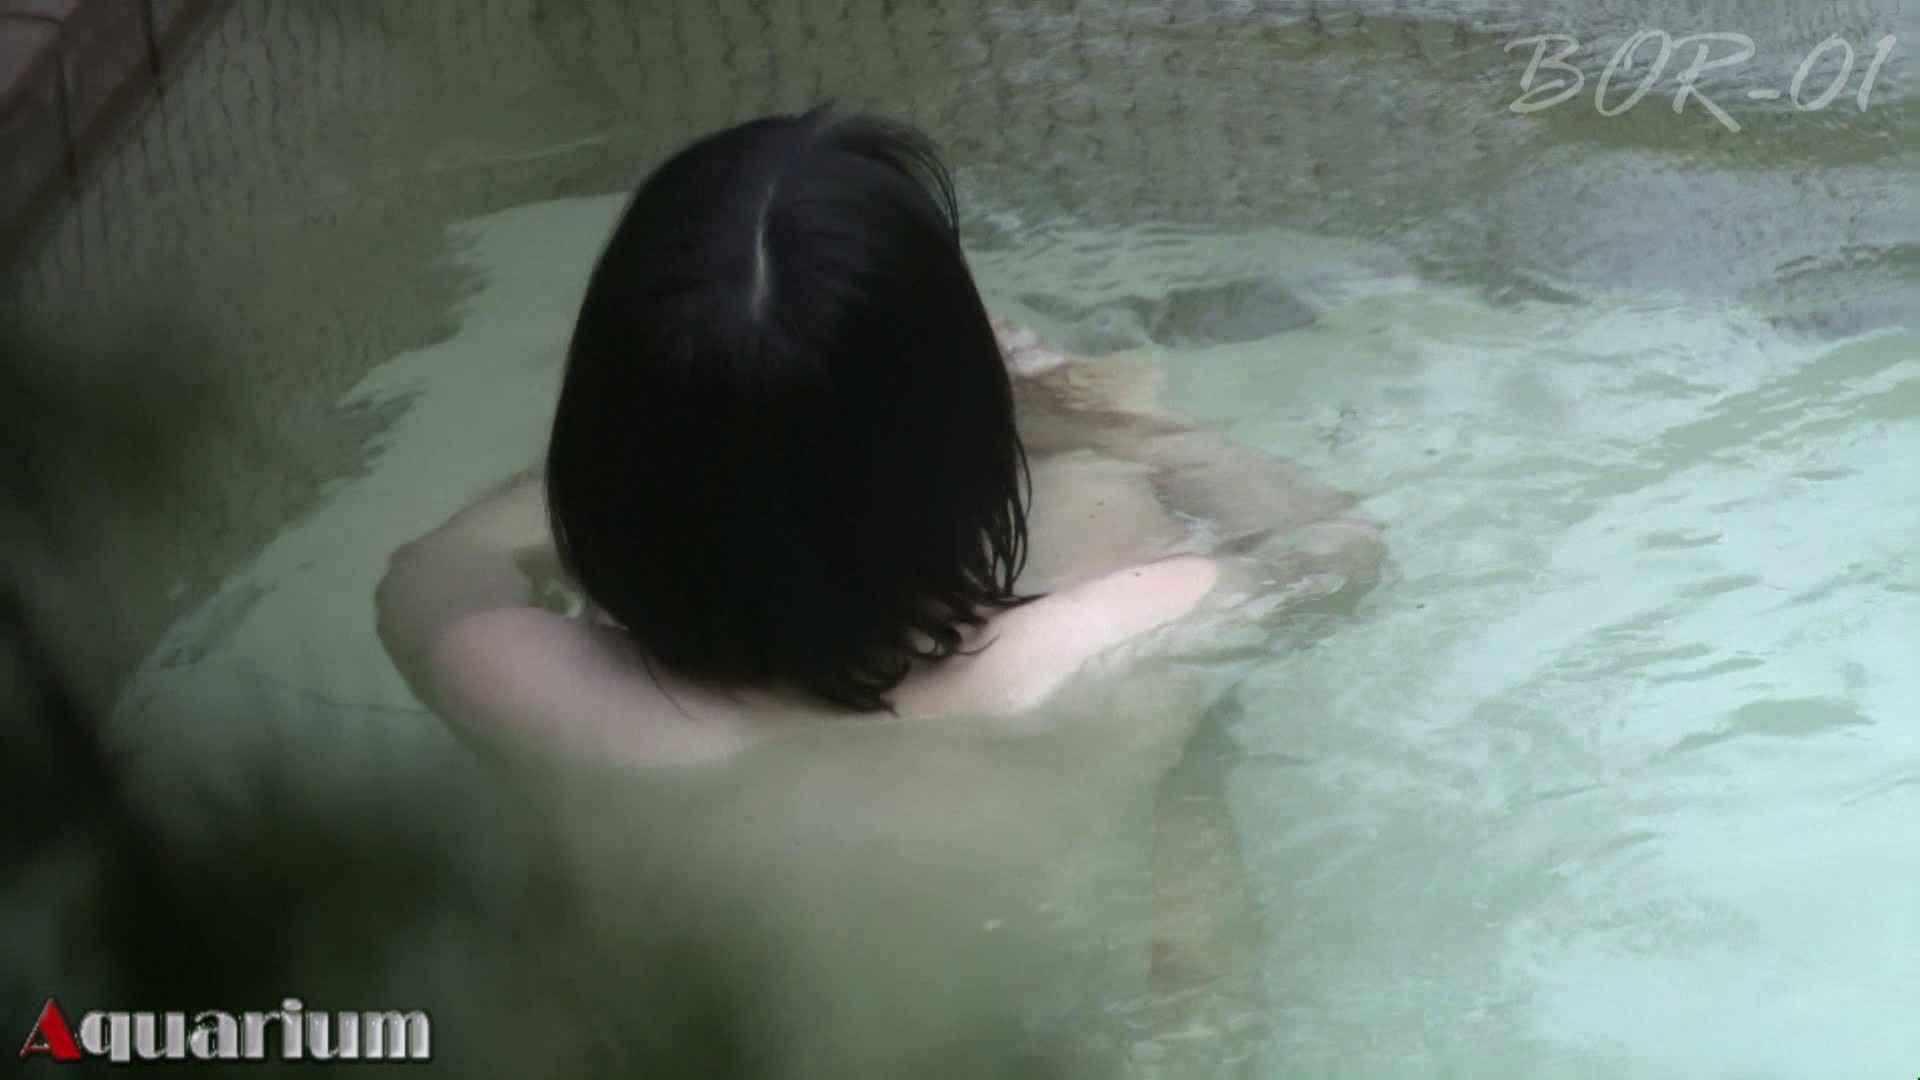 Aquaな露天風呂Vol.466 OLエロ画像 | 露天  93PICs 37